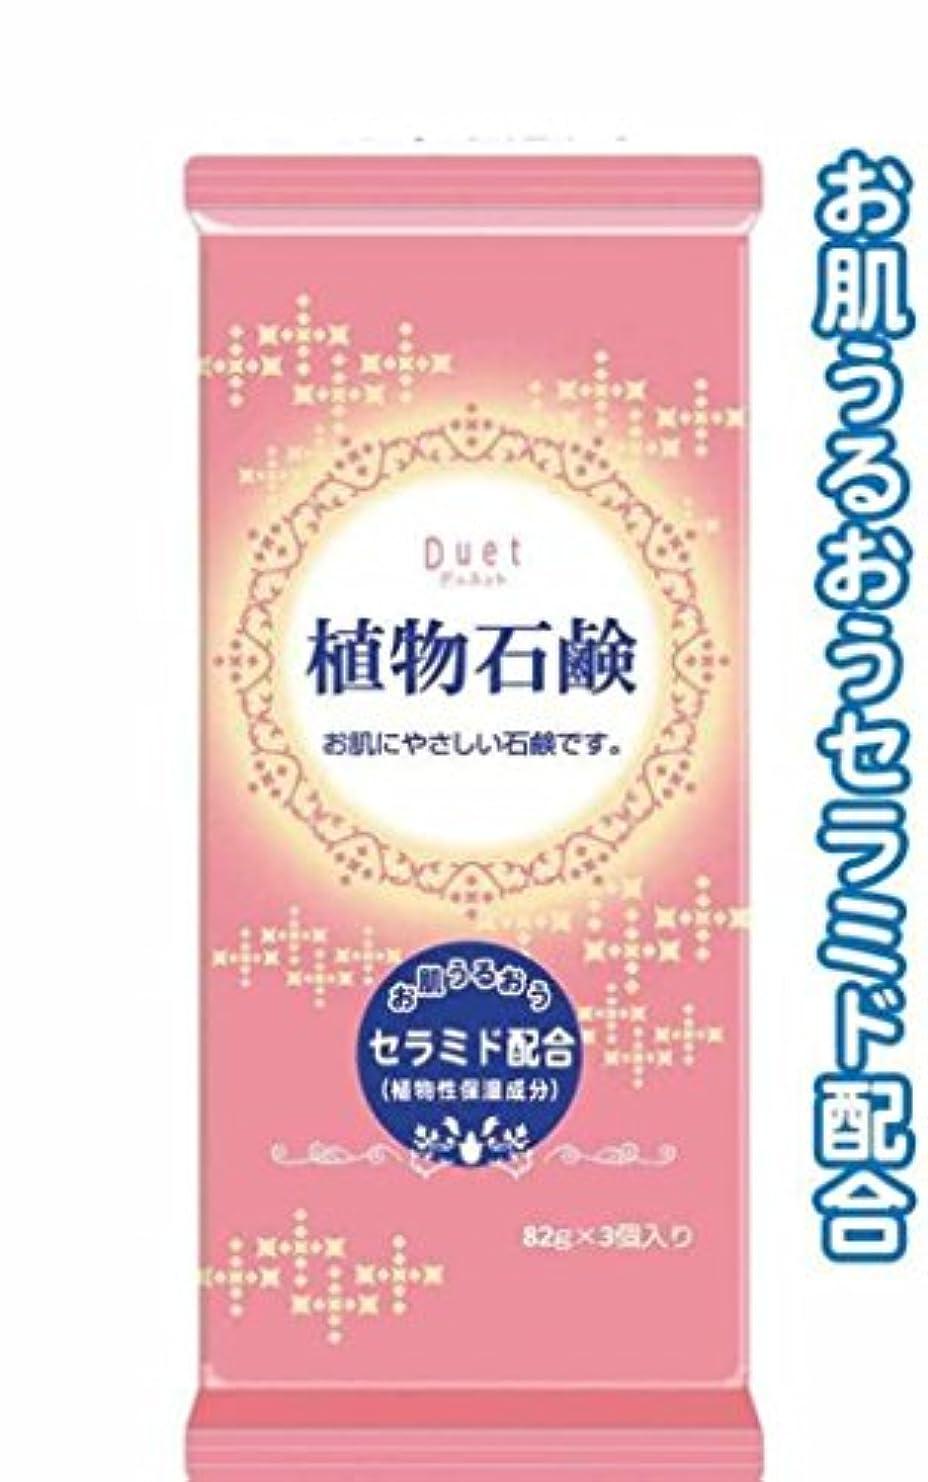 リンケージ登場炭素デュエット植物石鹸82g×3個入フローラルの香り 【まとめ買い4個入り×320パック 合計1280個セット】 46-204